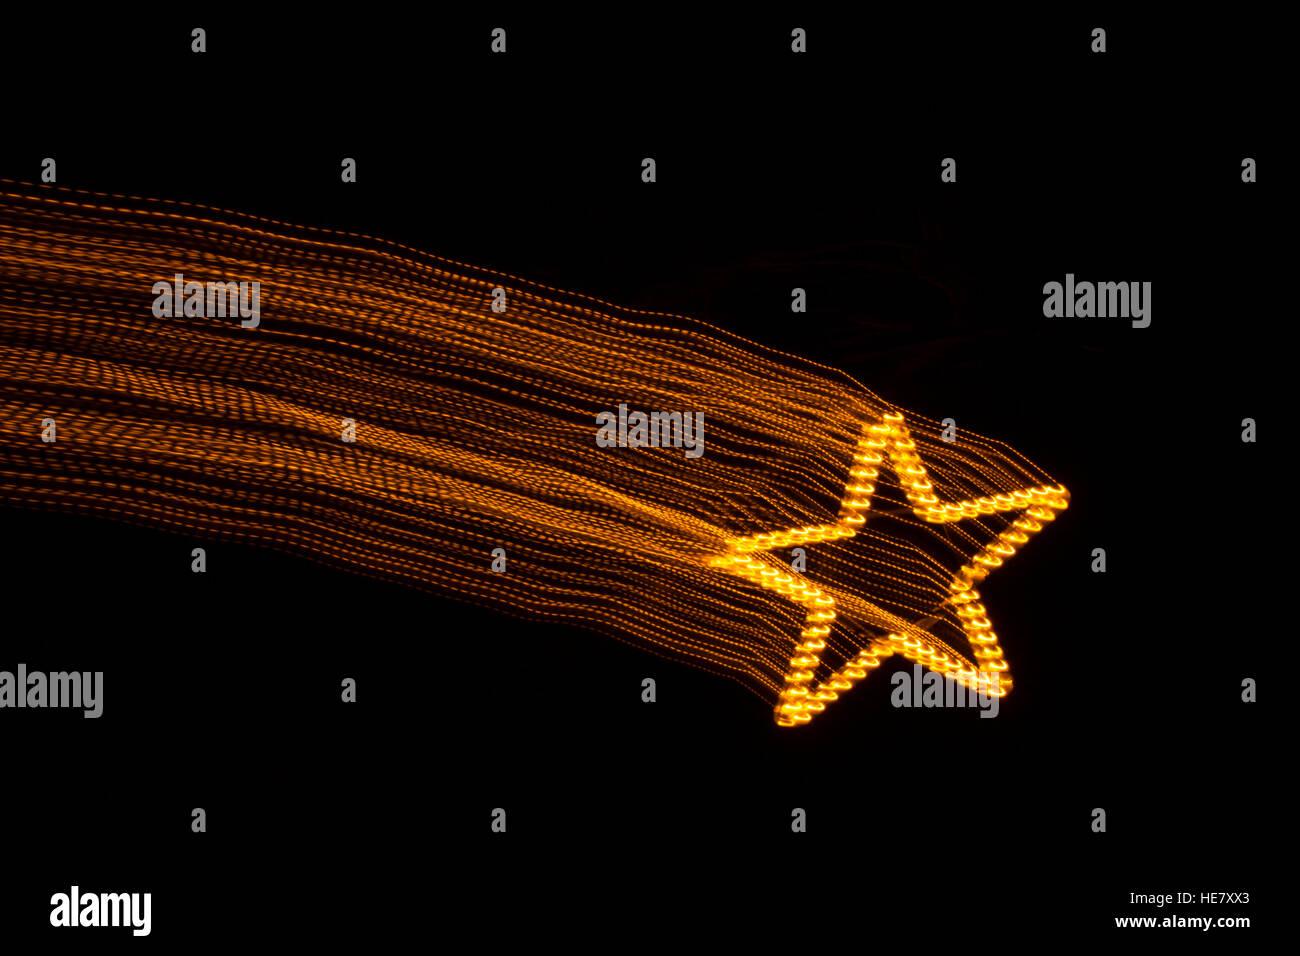 Décoration de Noël en forme d'étoile ressemblant à tomber par star light painting. Banque D'Images